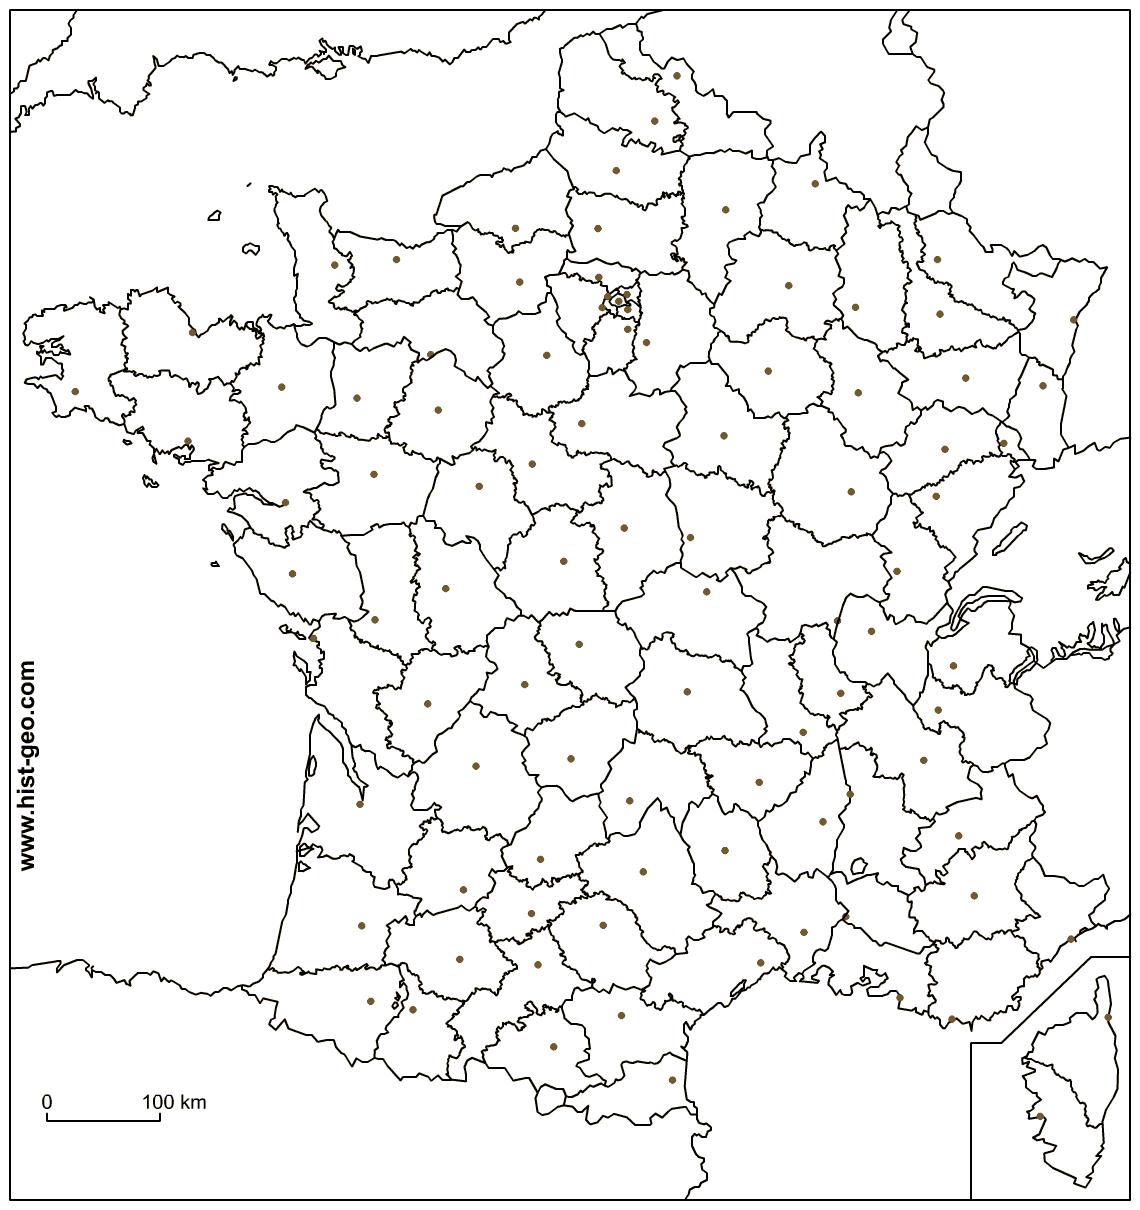 Fond De Carte - France (Frontières, Départements Et Préfectures) destiné Carte De France Avec Départements Et Préfectures